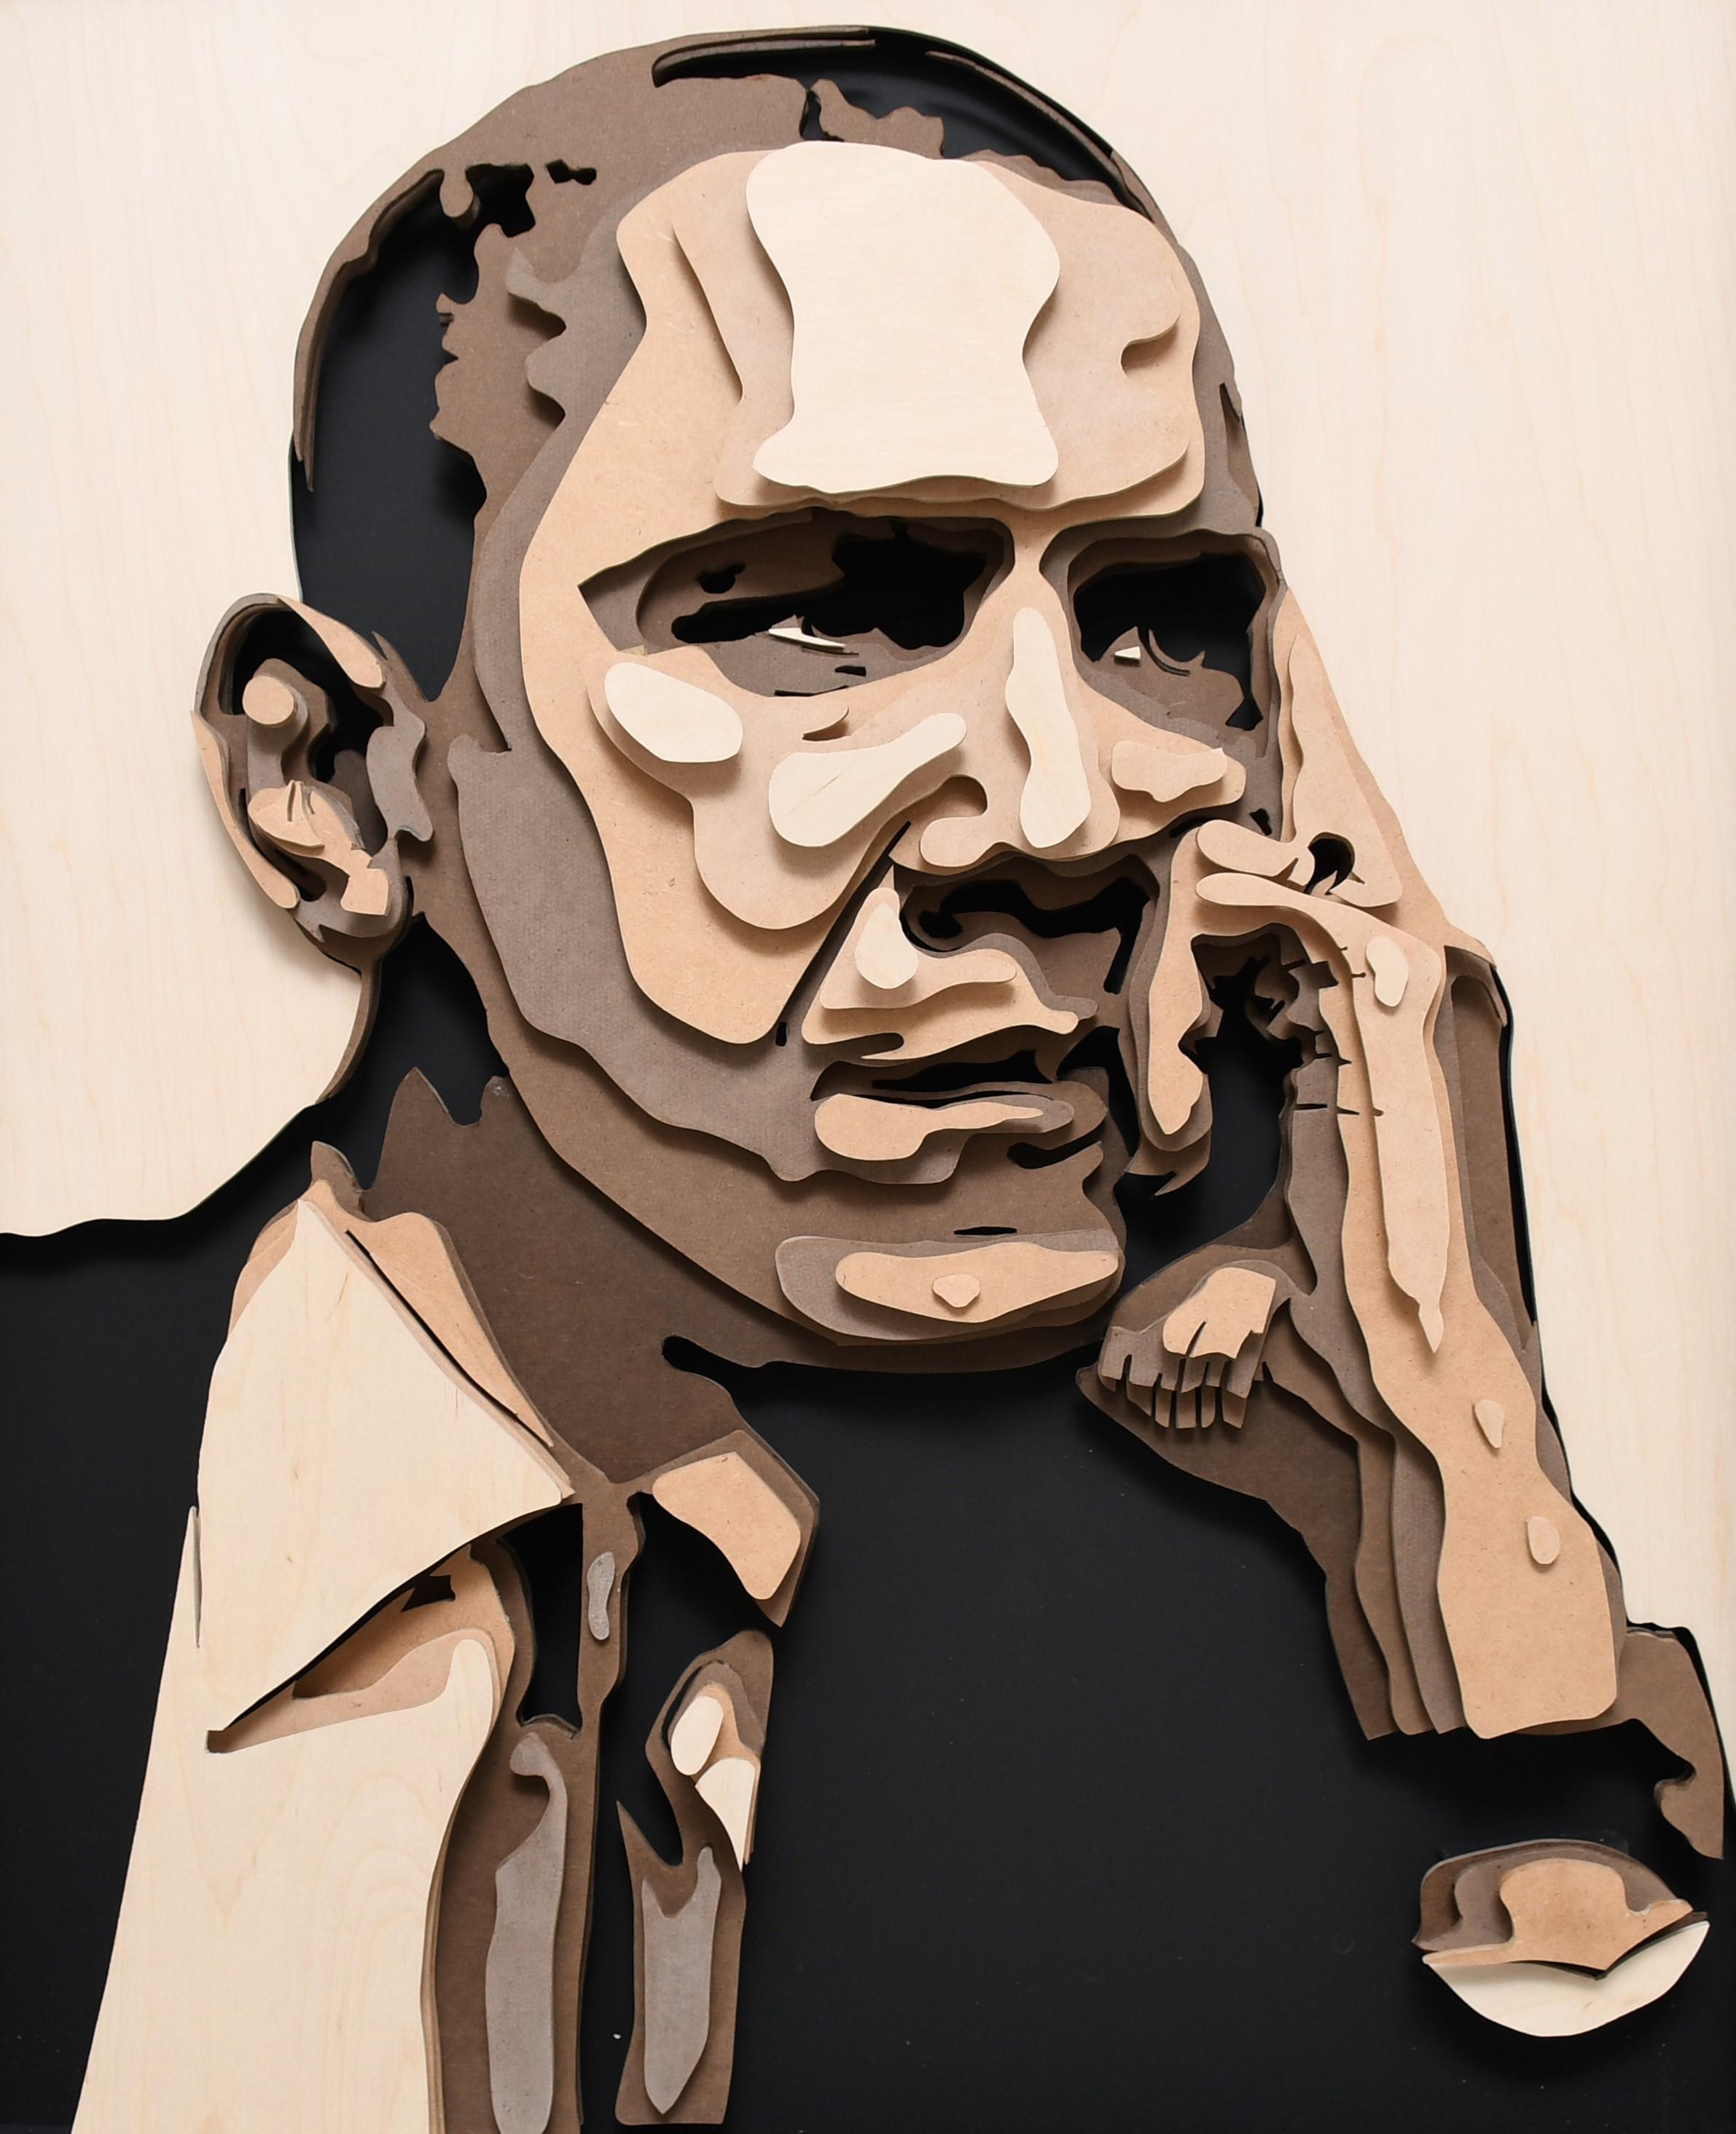 PercyKing-Obama2.jpg